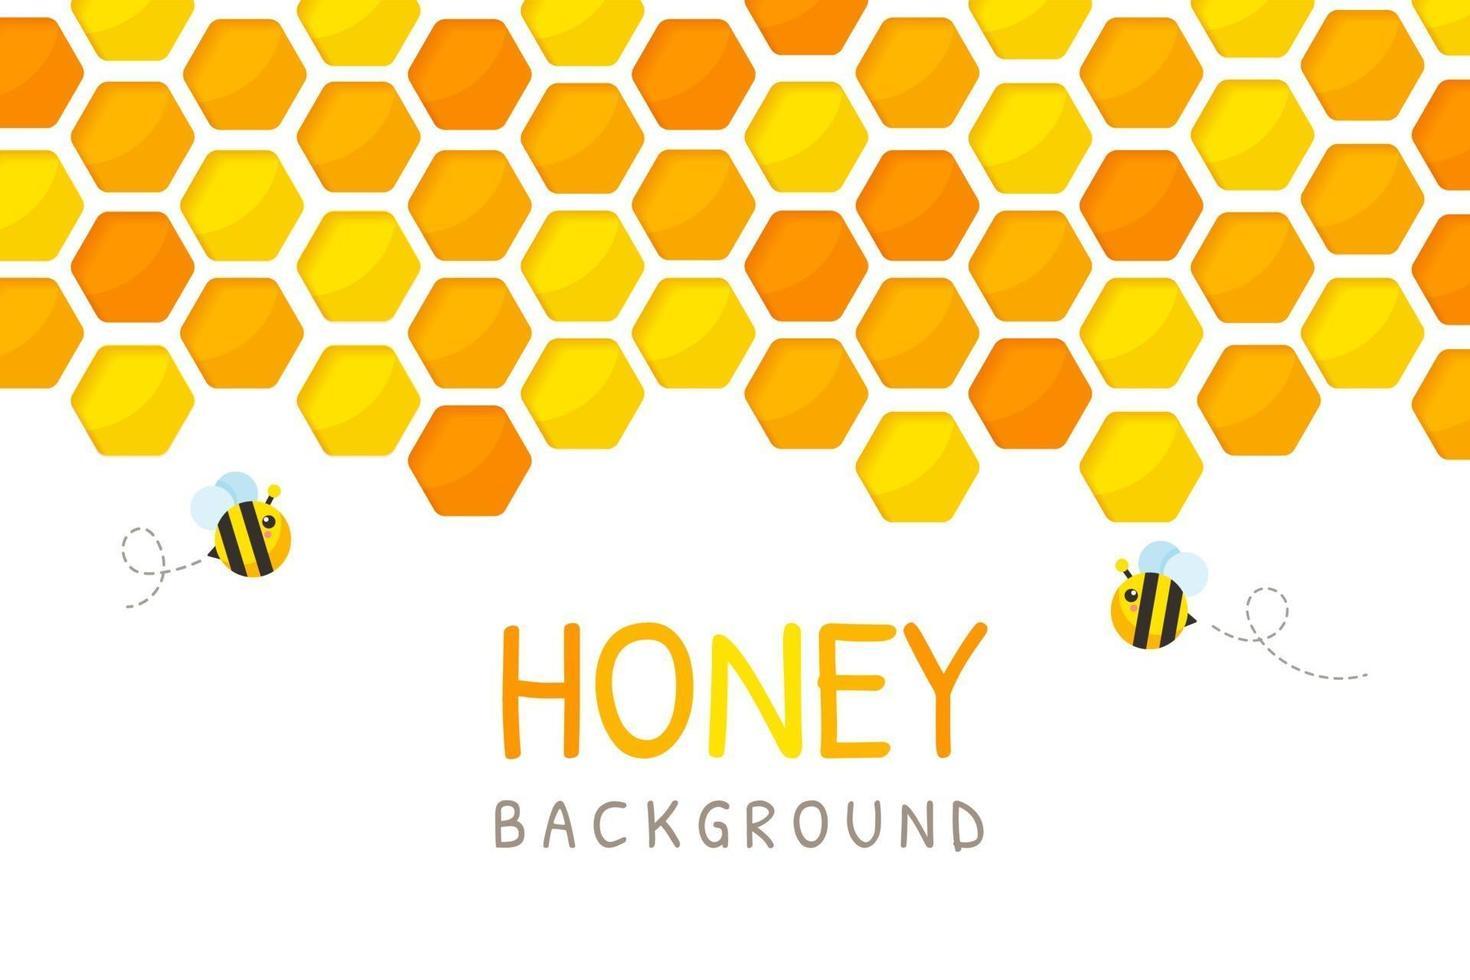 zeshoekig goudgeel honingraatpatroon papier gesneden achtergrond met bijen en zoete honing erin. vector